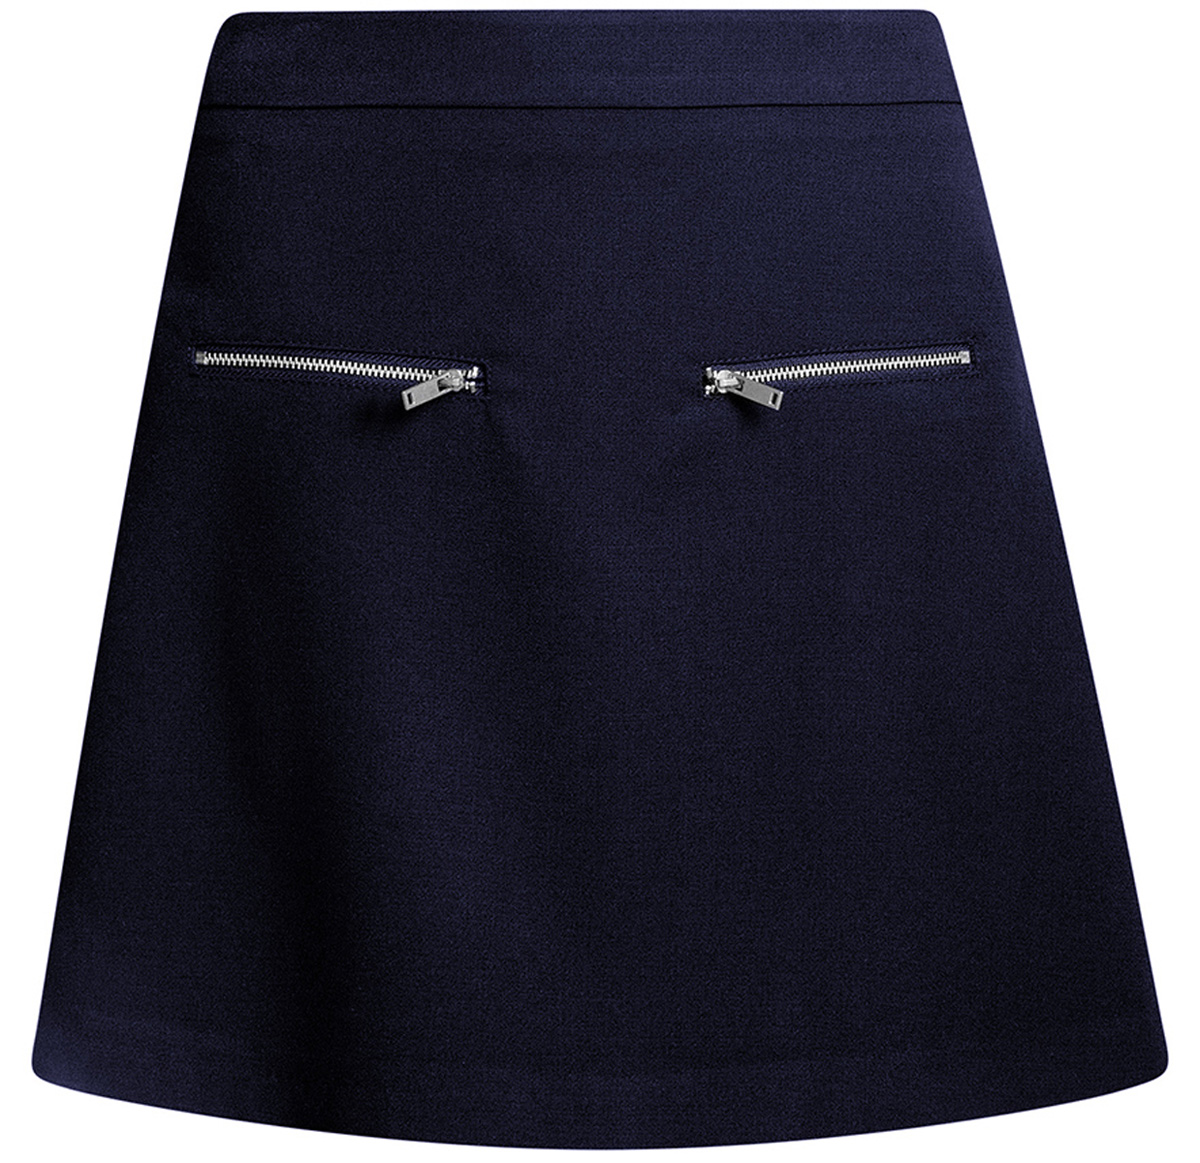 Юбка oodji Ultra, цвет: темно-синий. 11600436/31291/7900N. Размер 42-170 (48-170)11600436/31291/7900NСтильная мини--юбка в форме трапеции выполнена из высококачественного материала. Спереди модель декорирована металлическими молниями. Сзади юбка застегивается на потайную застежку-молнию.